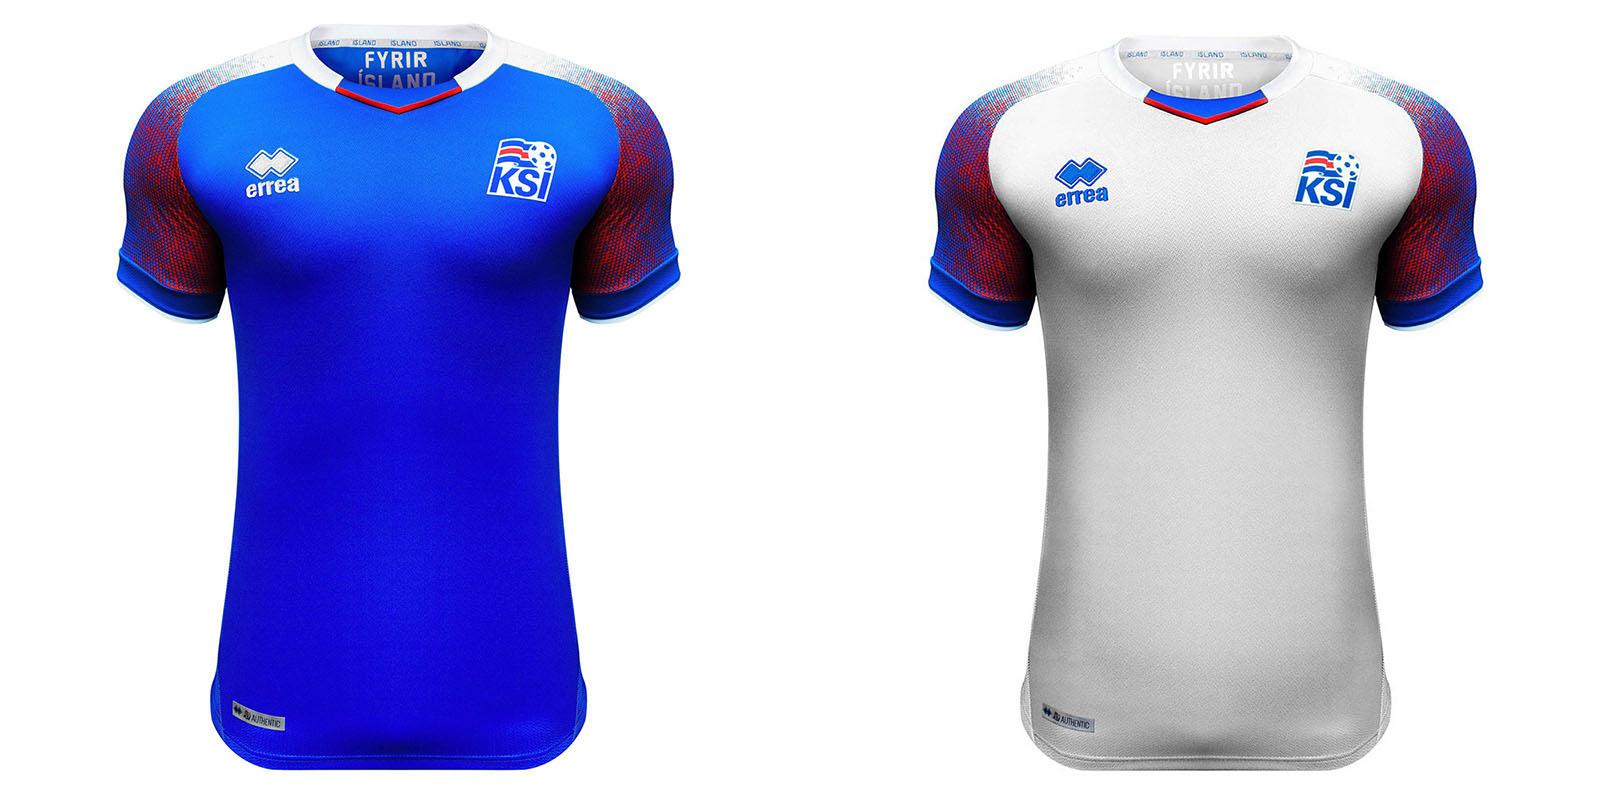 Форма сборной Исландии на ЧМ2018